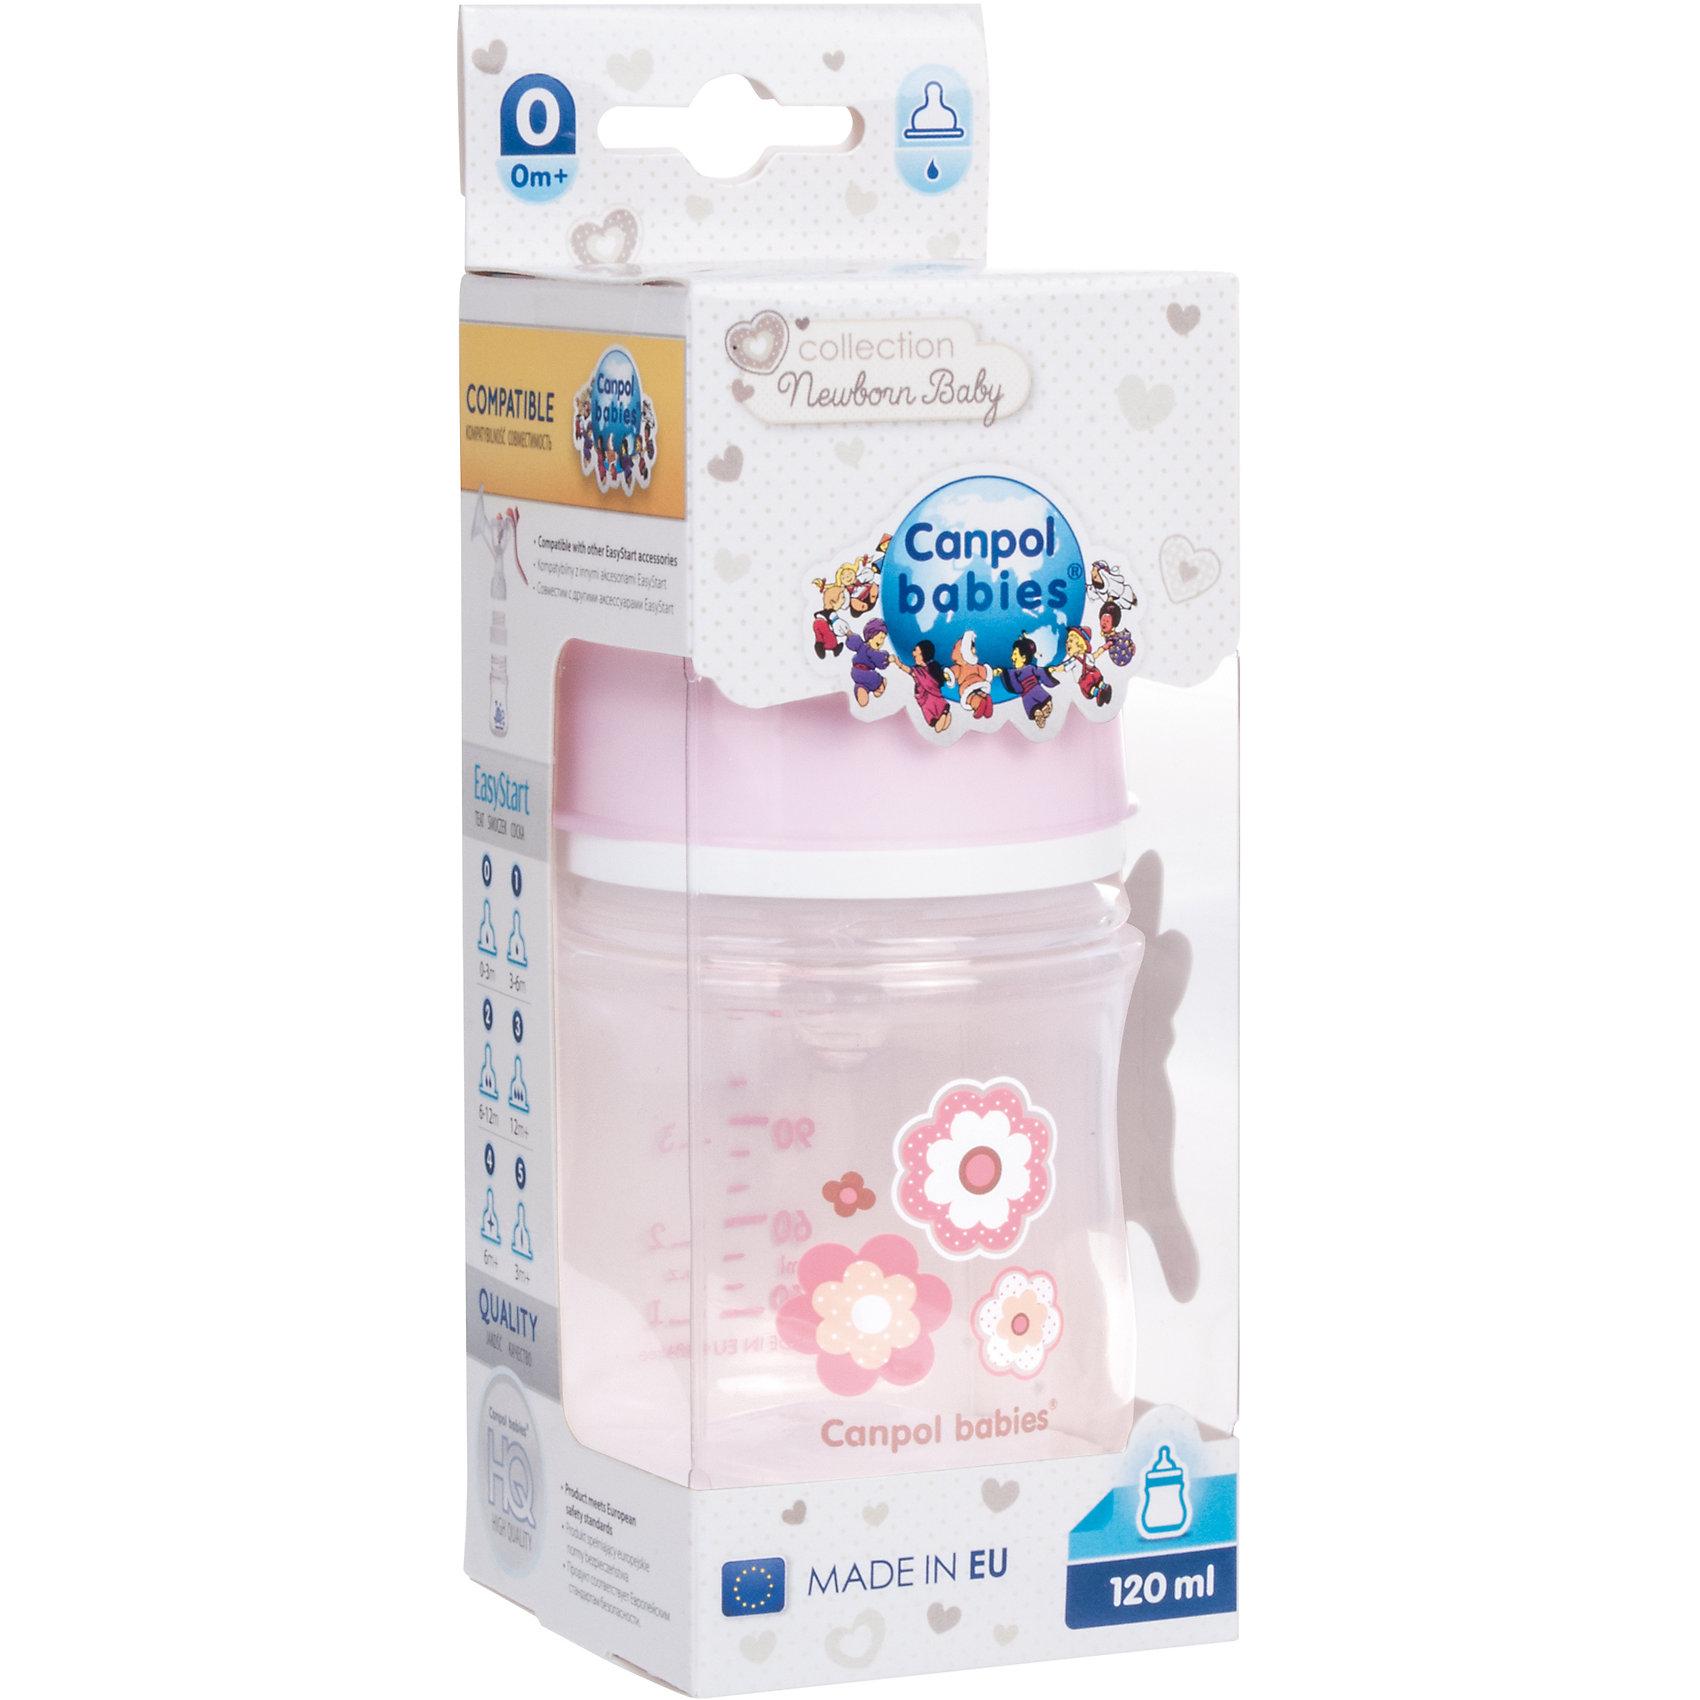 Бутылочка PP EasyStart с широким горлышком антиколиковая, 120 мл, 0+ Newborn baby, Canpol Babies, розовыйБутылочки и аксессуары<br>Бутылочка PP EasyStart с широким горлышком антиколиковая, 120 мл, 0+ Newborn baby, Canpol Babies (Канпол Бейби), розовый.<br><br>Характеристики: <br><br>• Объем бутылочки: 120мл.<br>• Материал бутылочки: полипропилен.<br>• Материал соски: силикон.<br>• Цвет : розовый.<br>• Широкое горлышко.<br>• Антиколиковая. <br><br>Легкая бутылочка предназначена для использования с рождения.  Долговечная, безопасная бутылочка соответствует самым высоким стандартам качества. Оснащена силиконовой антиколиковой соской медленного потока (0+ м). Эффективная система вентиляции, которая позволяет уменьшить риск появления коликов. Специальная форма соски максимально приближена к форме материнской груди, что позволяет наиболее оптимально использовать ее для смешанного кормления ребенка. Широкое горлышко поможет быстро наполнить бутылочку смесью. Такое горлышко позволит легко очистить бутылочку. Точная мерная шкала помогает приготовить питание в точных пропорциях.<br><br>Бутылочку PP EasyStart с широким горлышком антиколиковая, 120 мл, 0+ Newborn baby, Canpol Babies (Канпол Бейбис), розовый  можно купить в нашем интернет- магазине.<br><br>Ширина мм: 64<br>Глубина мм: 64<br>Высота мм: 175<br>Вес г: 630<br>Возраст от месяцев: 0<br>Возраст до месяцев: 12<br>Пол: Женский<br>Возраст: Детский<br>SKU: 5156781